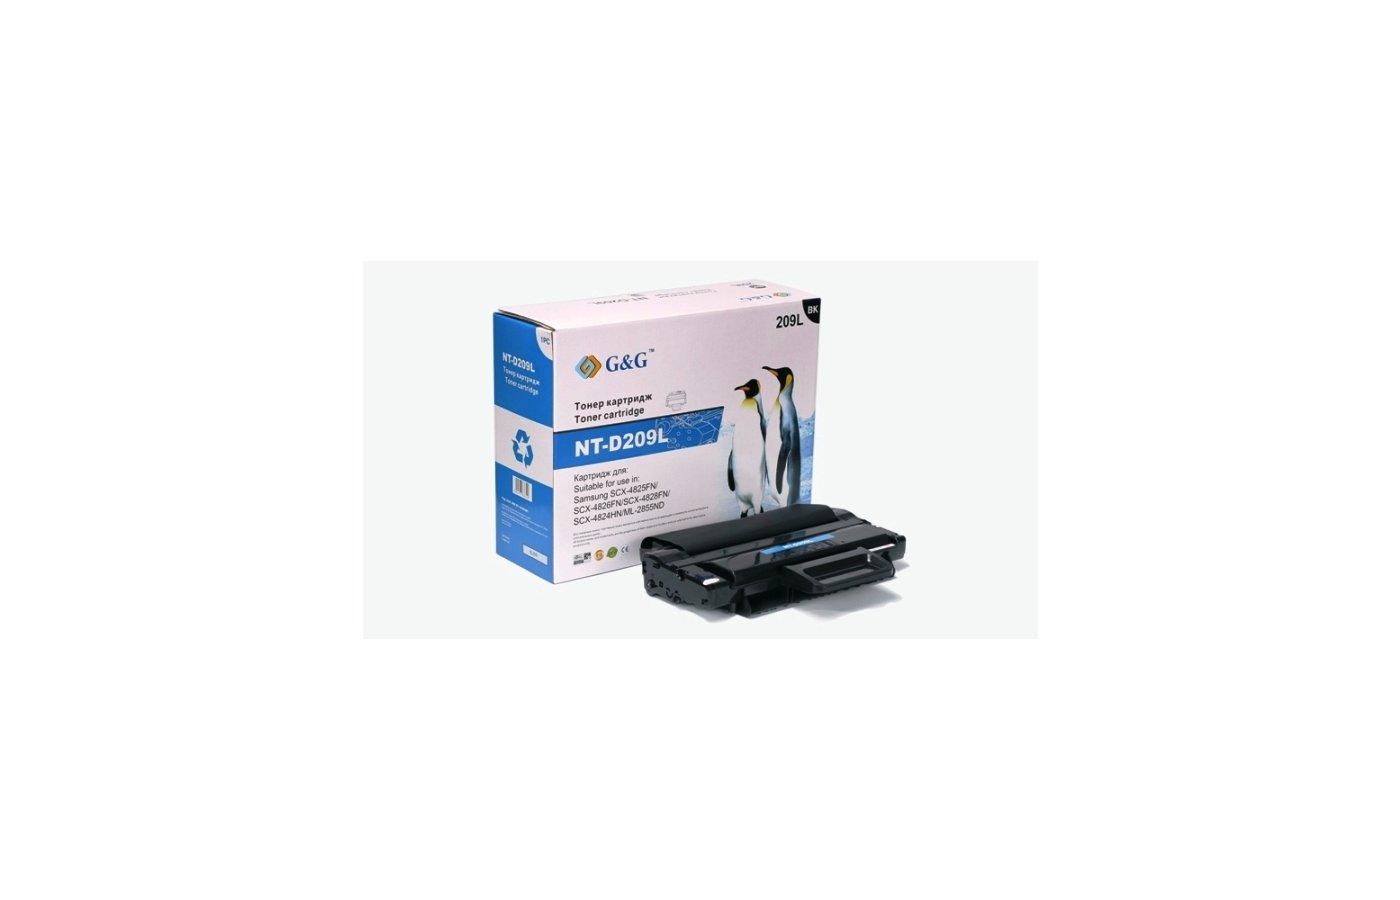 Картридж лазерный GG NT-D209L Совместимый для Samsung ML-2855ND SCX-4824FN/4825FN/4826FN/4828FN (5000стр)